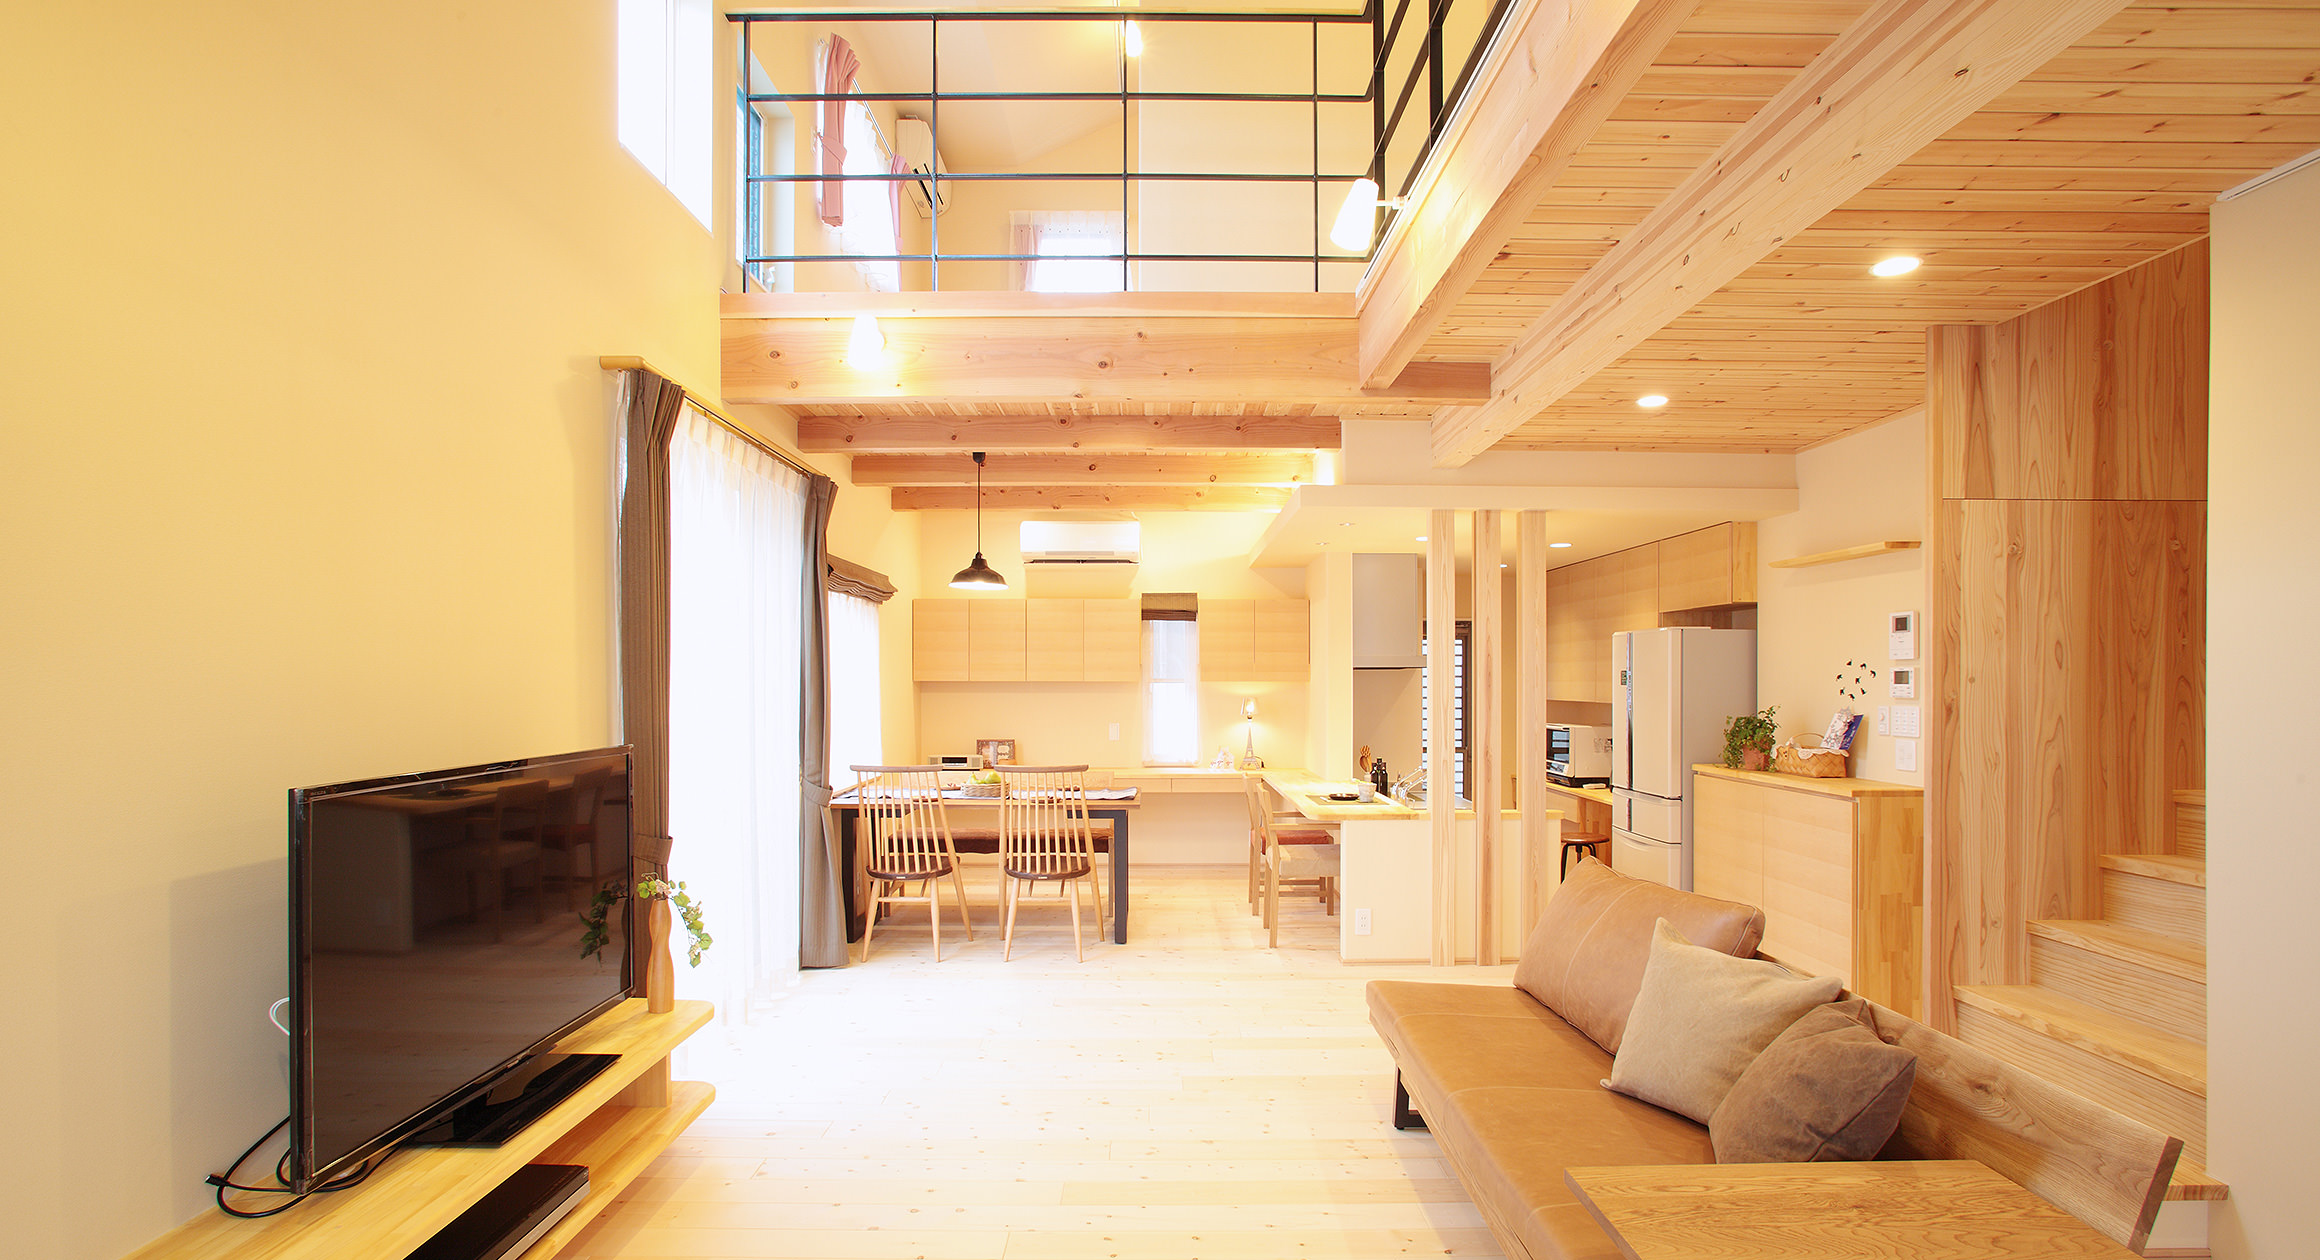 三友工務店の新築注文住宅 熊本市K様邸